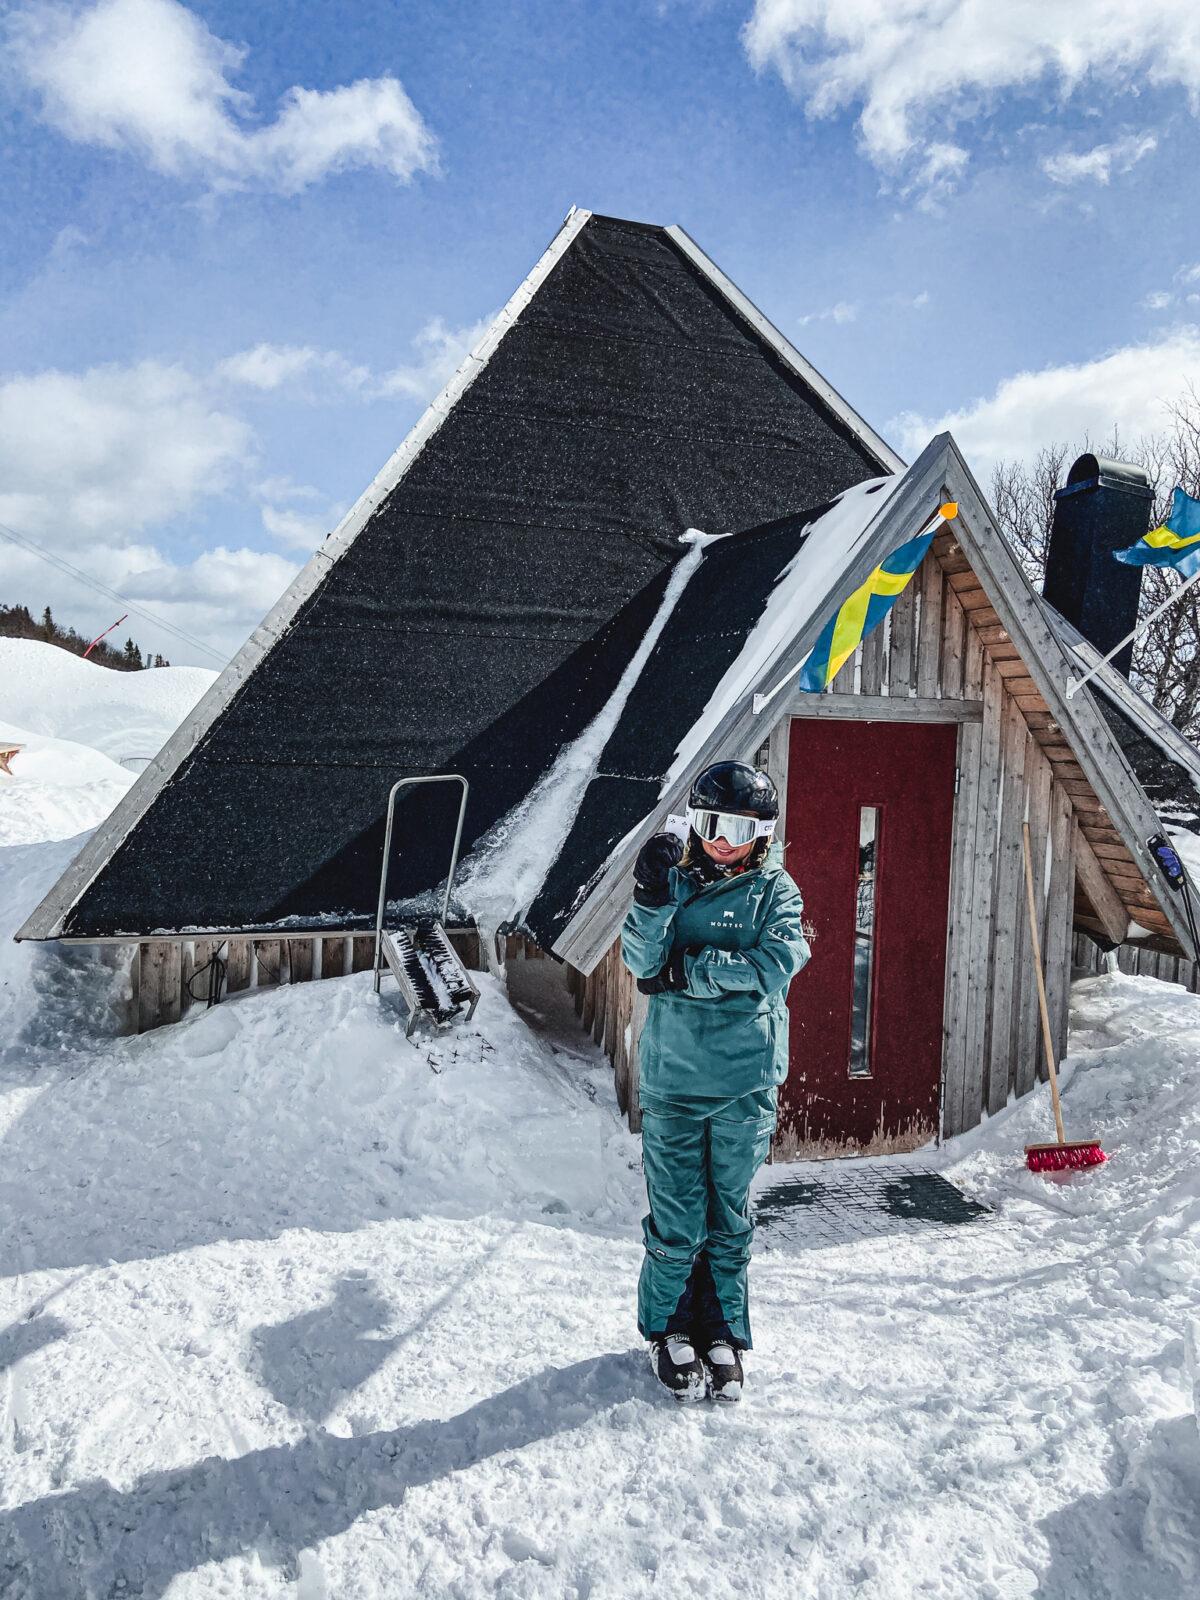 svensk turism i landet lagom